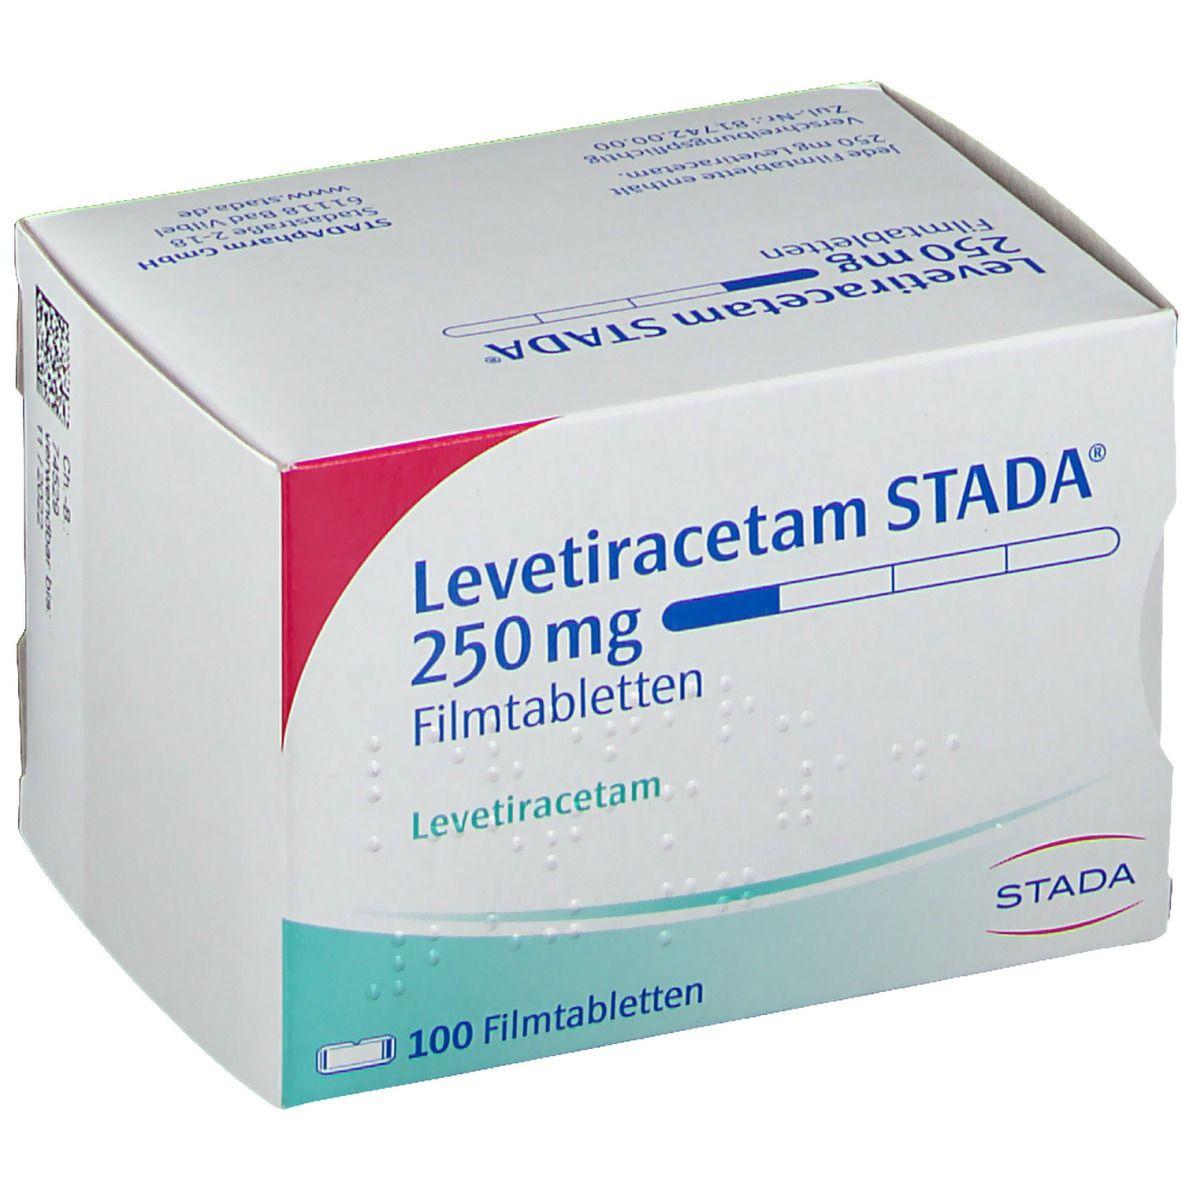 LEVETIRACETAM STADA 250 mg Filmtabletten